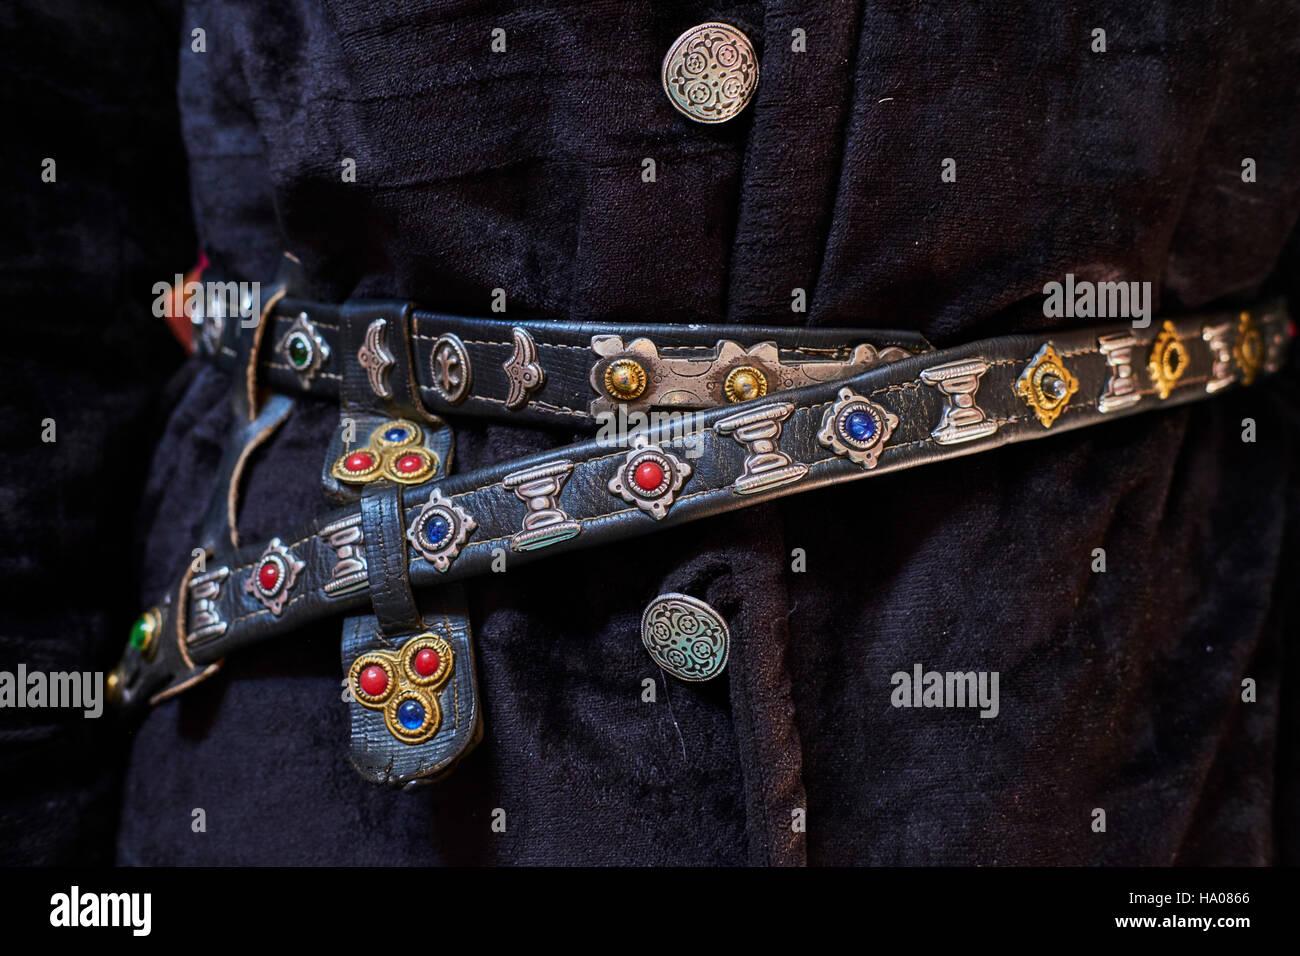 Mongolia, Bayan-Ulgii province, western Mongolia, detail of a Kazakh costum, belt - Stock Image